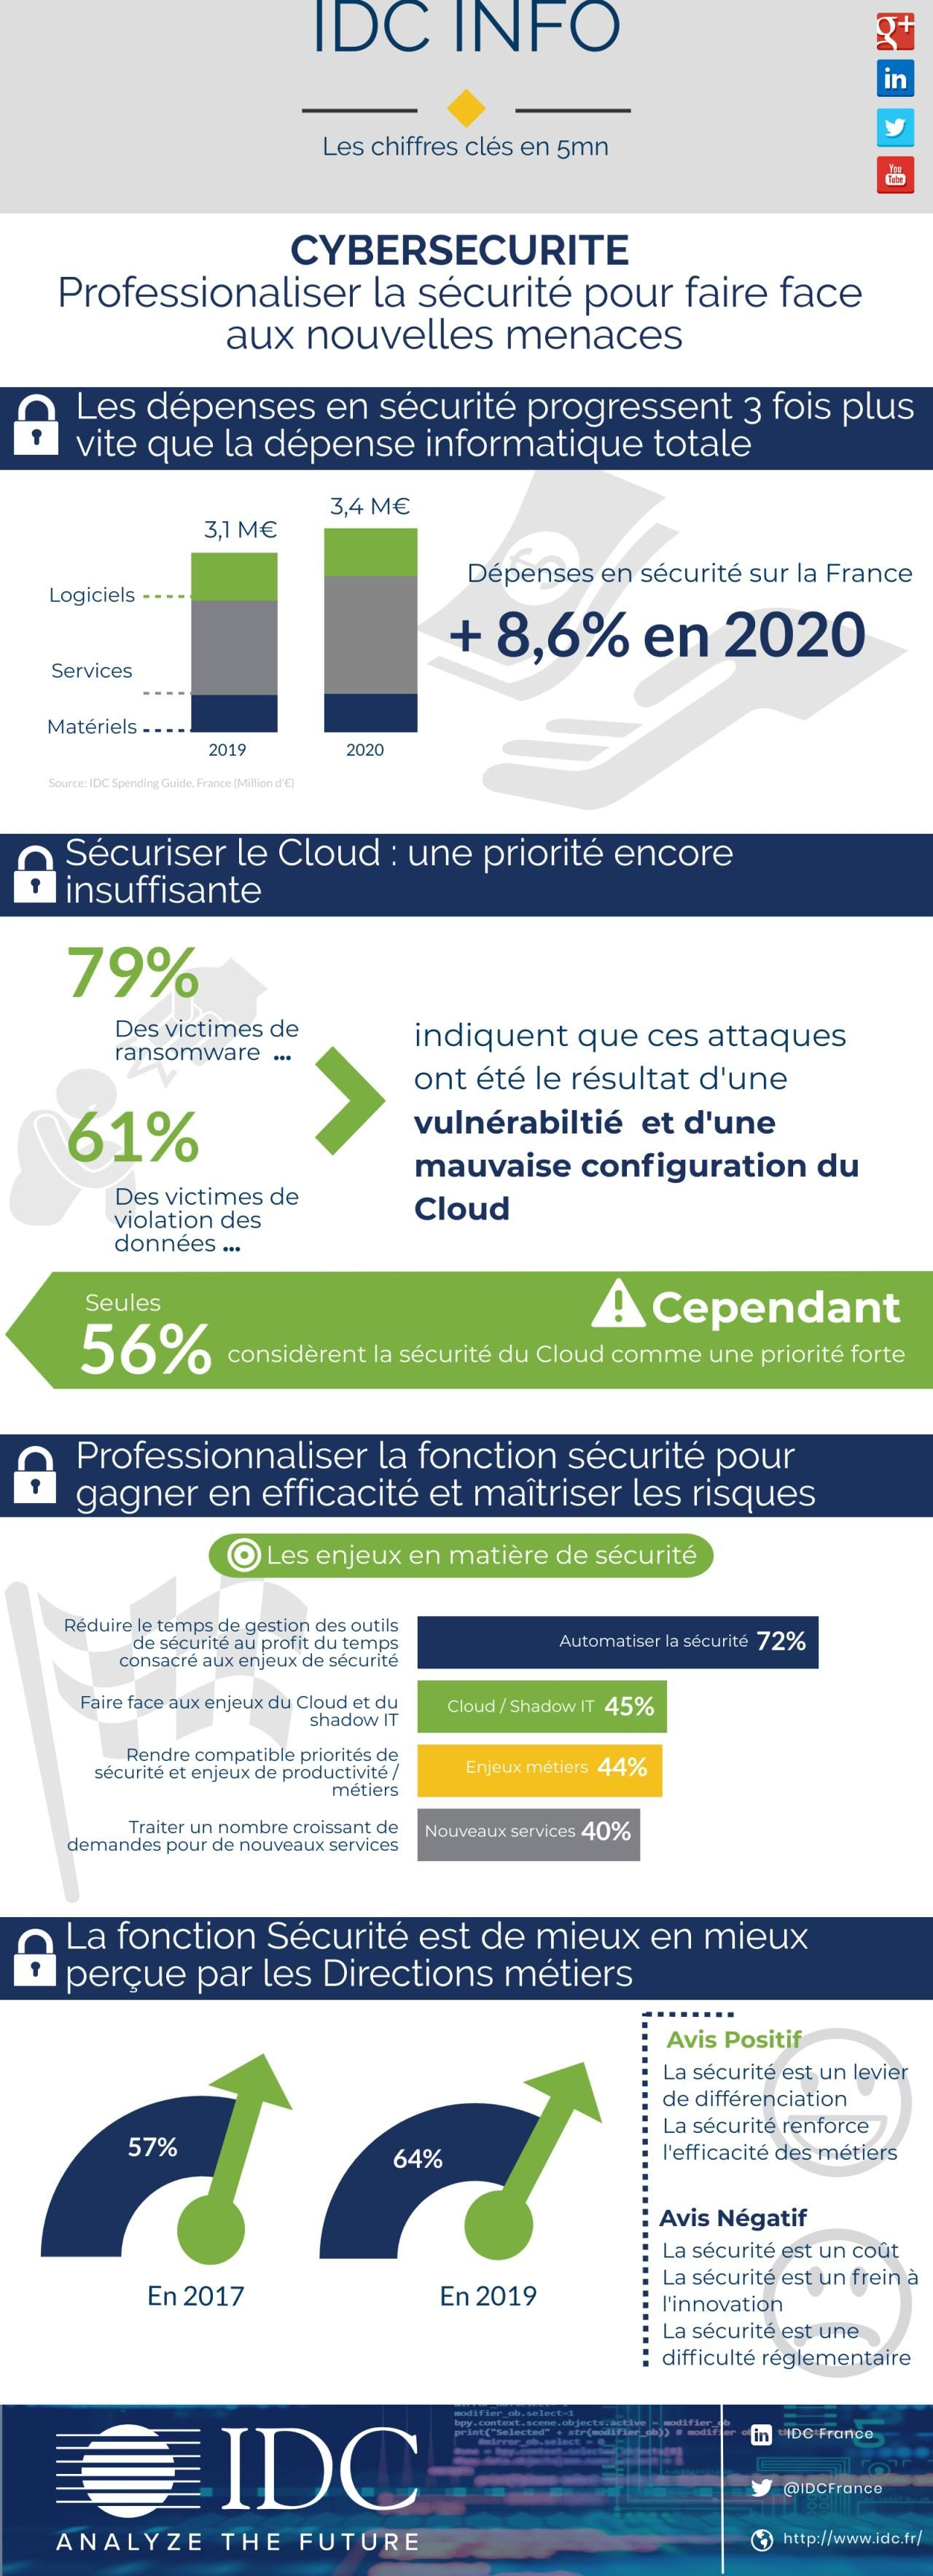 Idc Info Les Chiffres Cles De La Cybersecurite En 5 Min Config France Chiffres Cles Infographie Chiffre